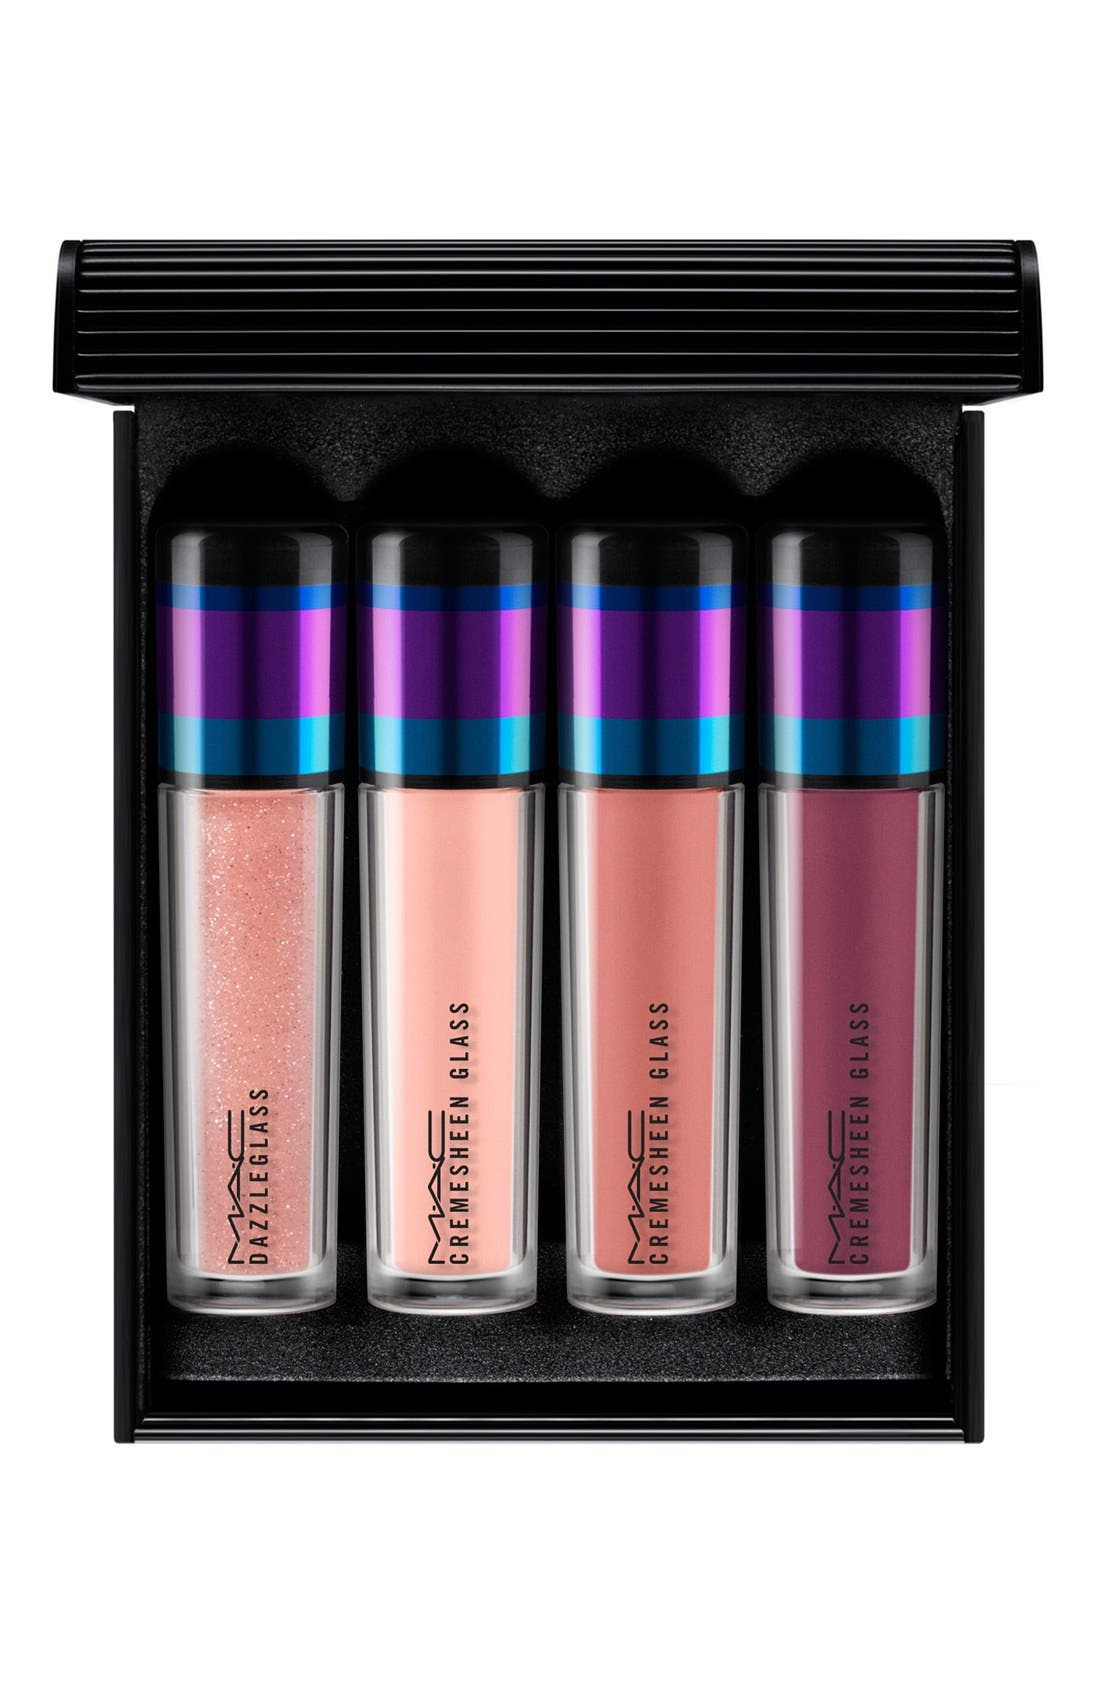 M·A·C 'Irresistibly Charming - Nude' Mini Lip Gloss Set,                             Main thumbnail 1, color,                             250